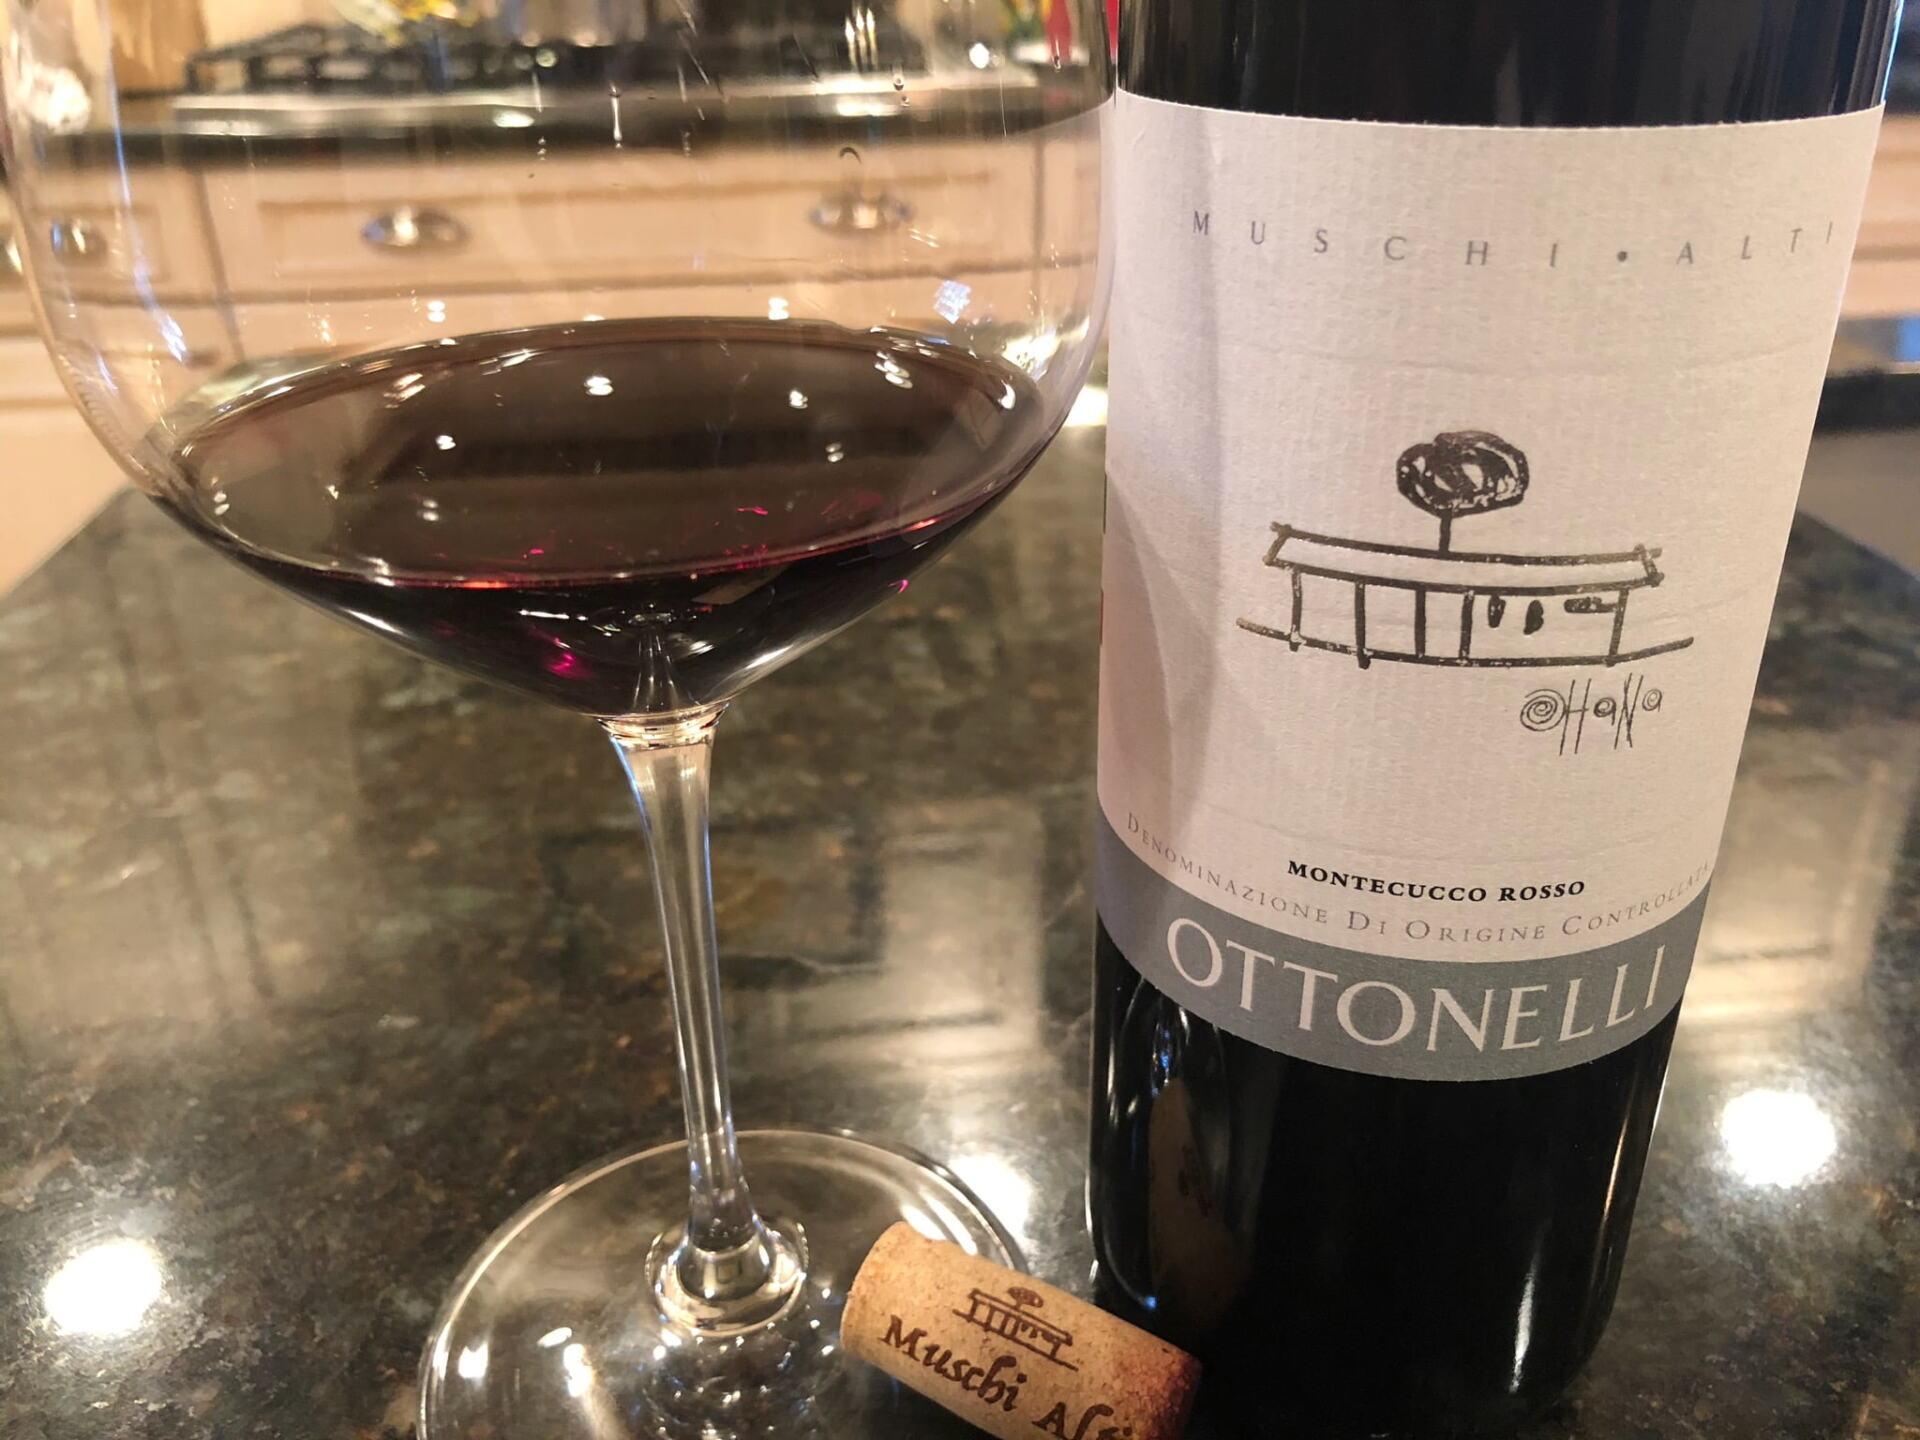 Montecucco Rosso bottle